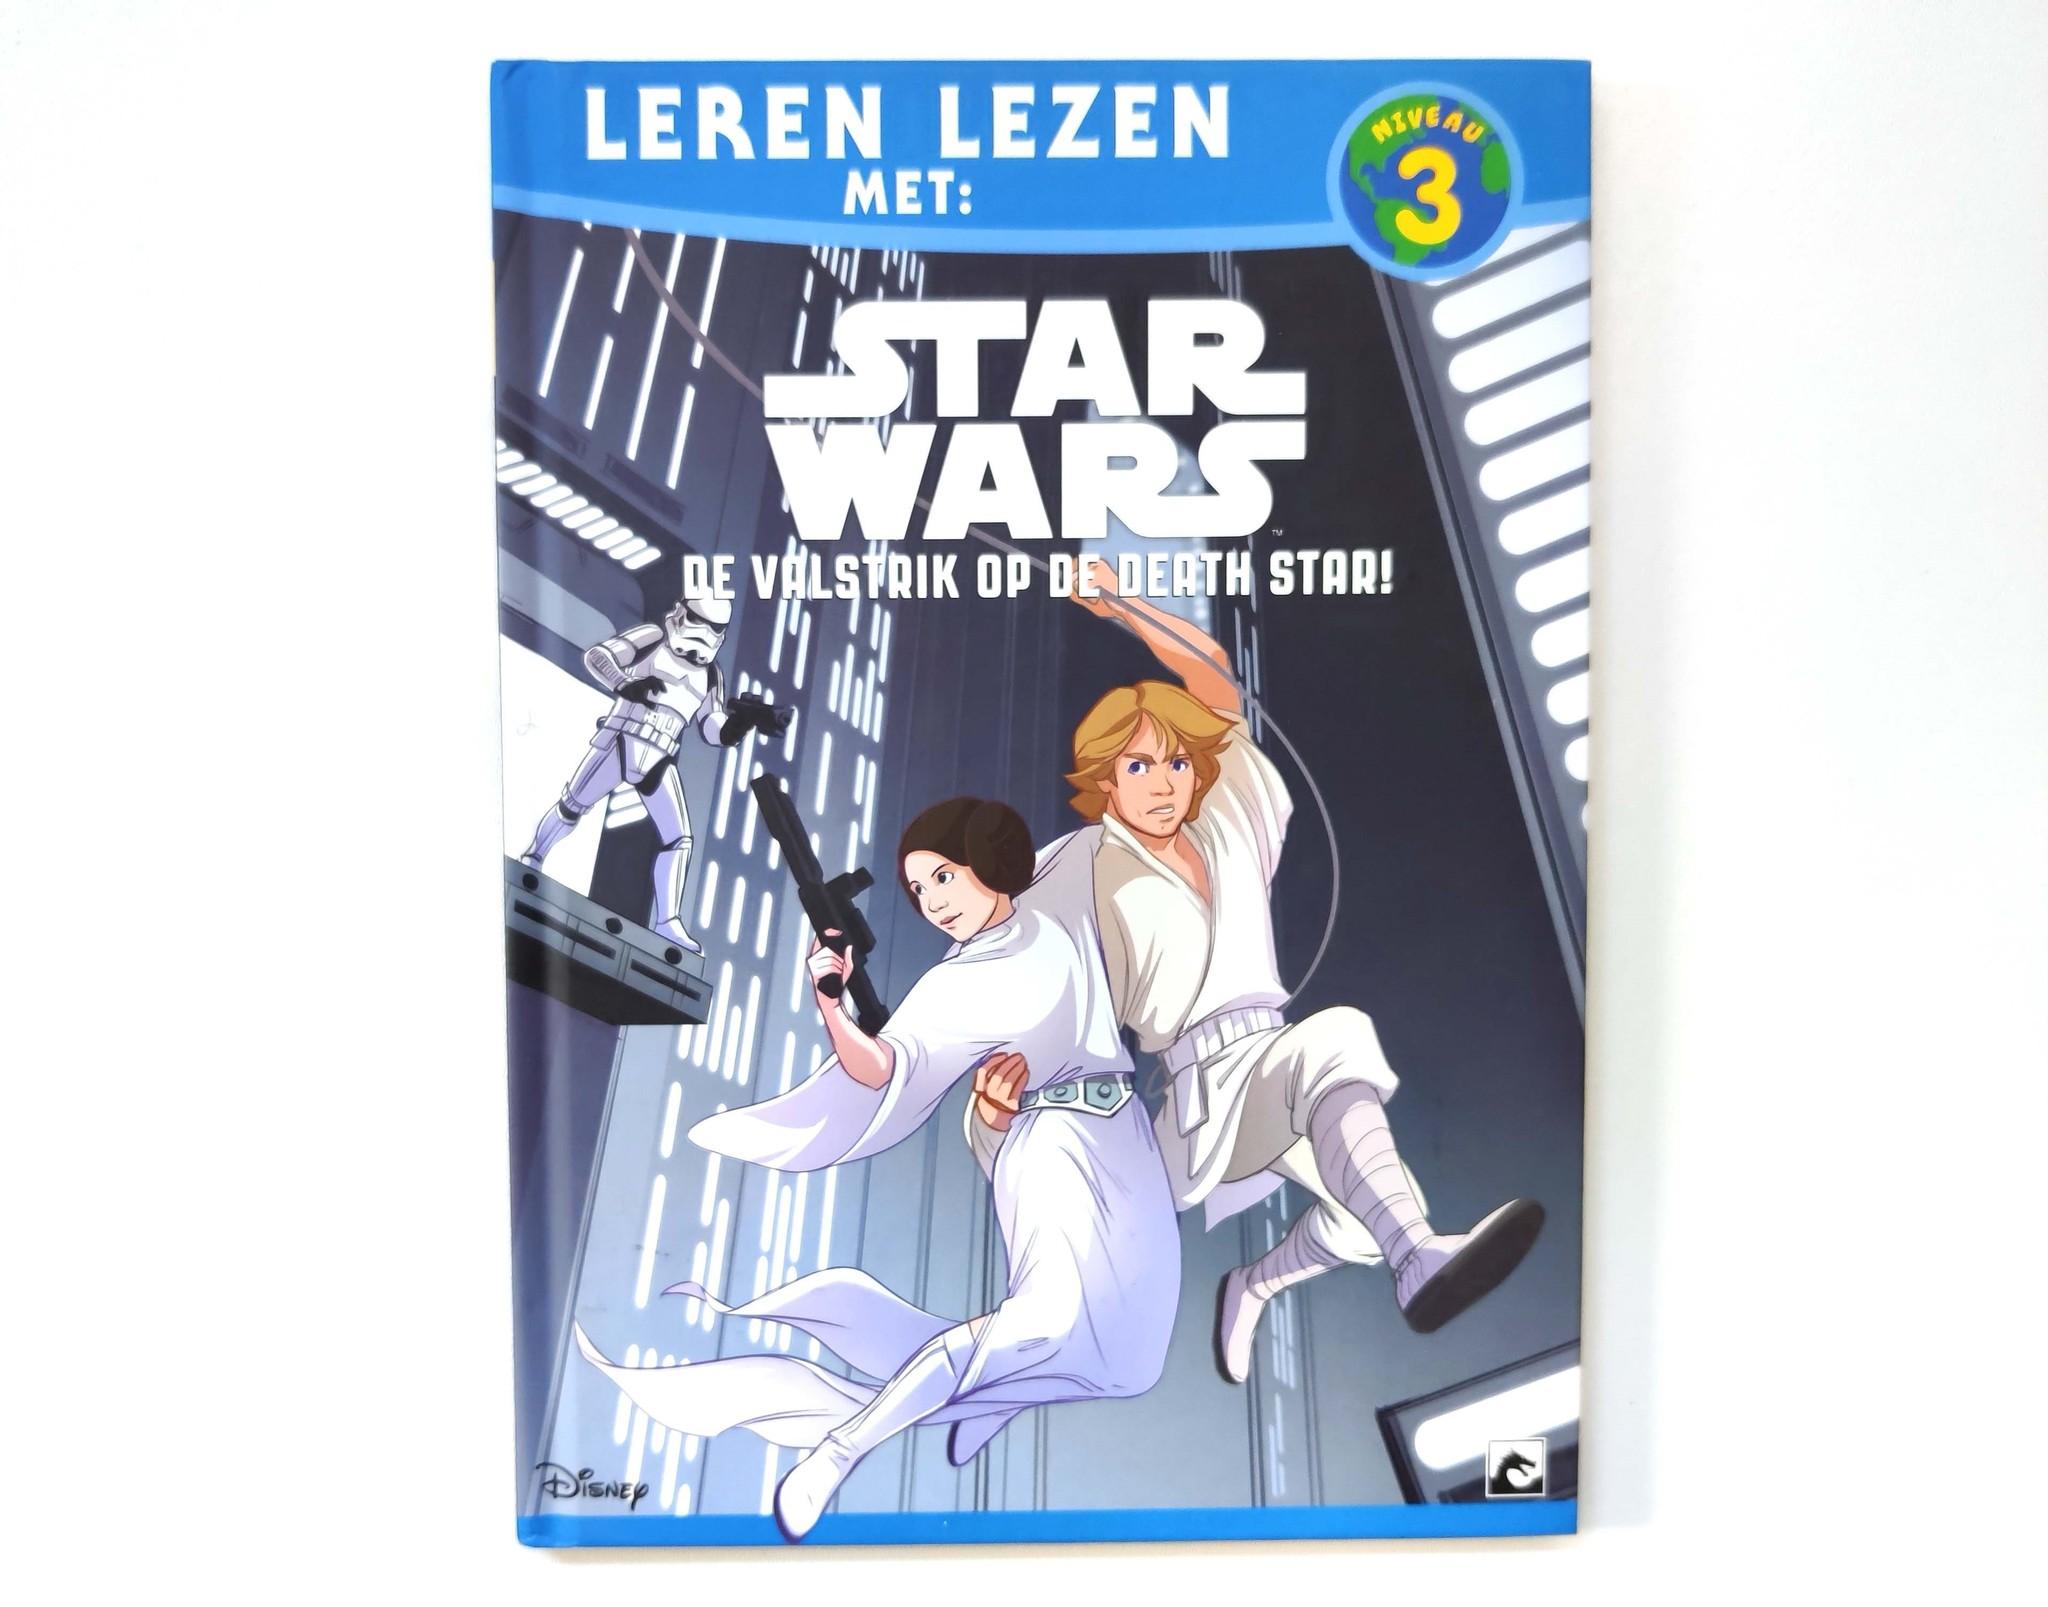 Leren lezen met Star Wars: de valstrik op de death star!-1